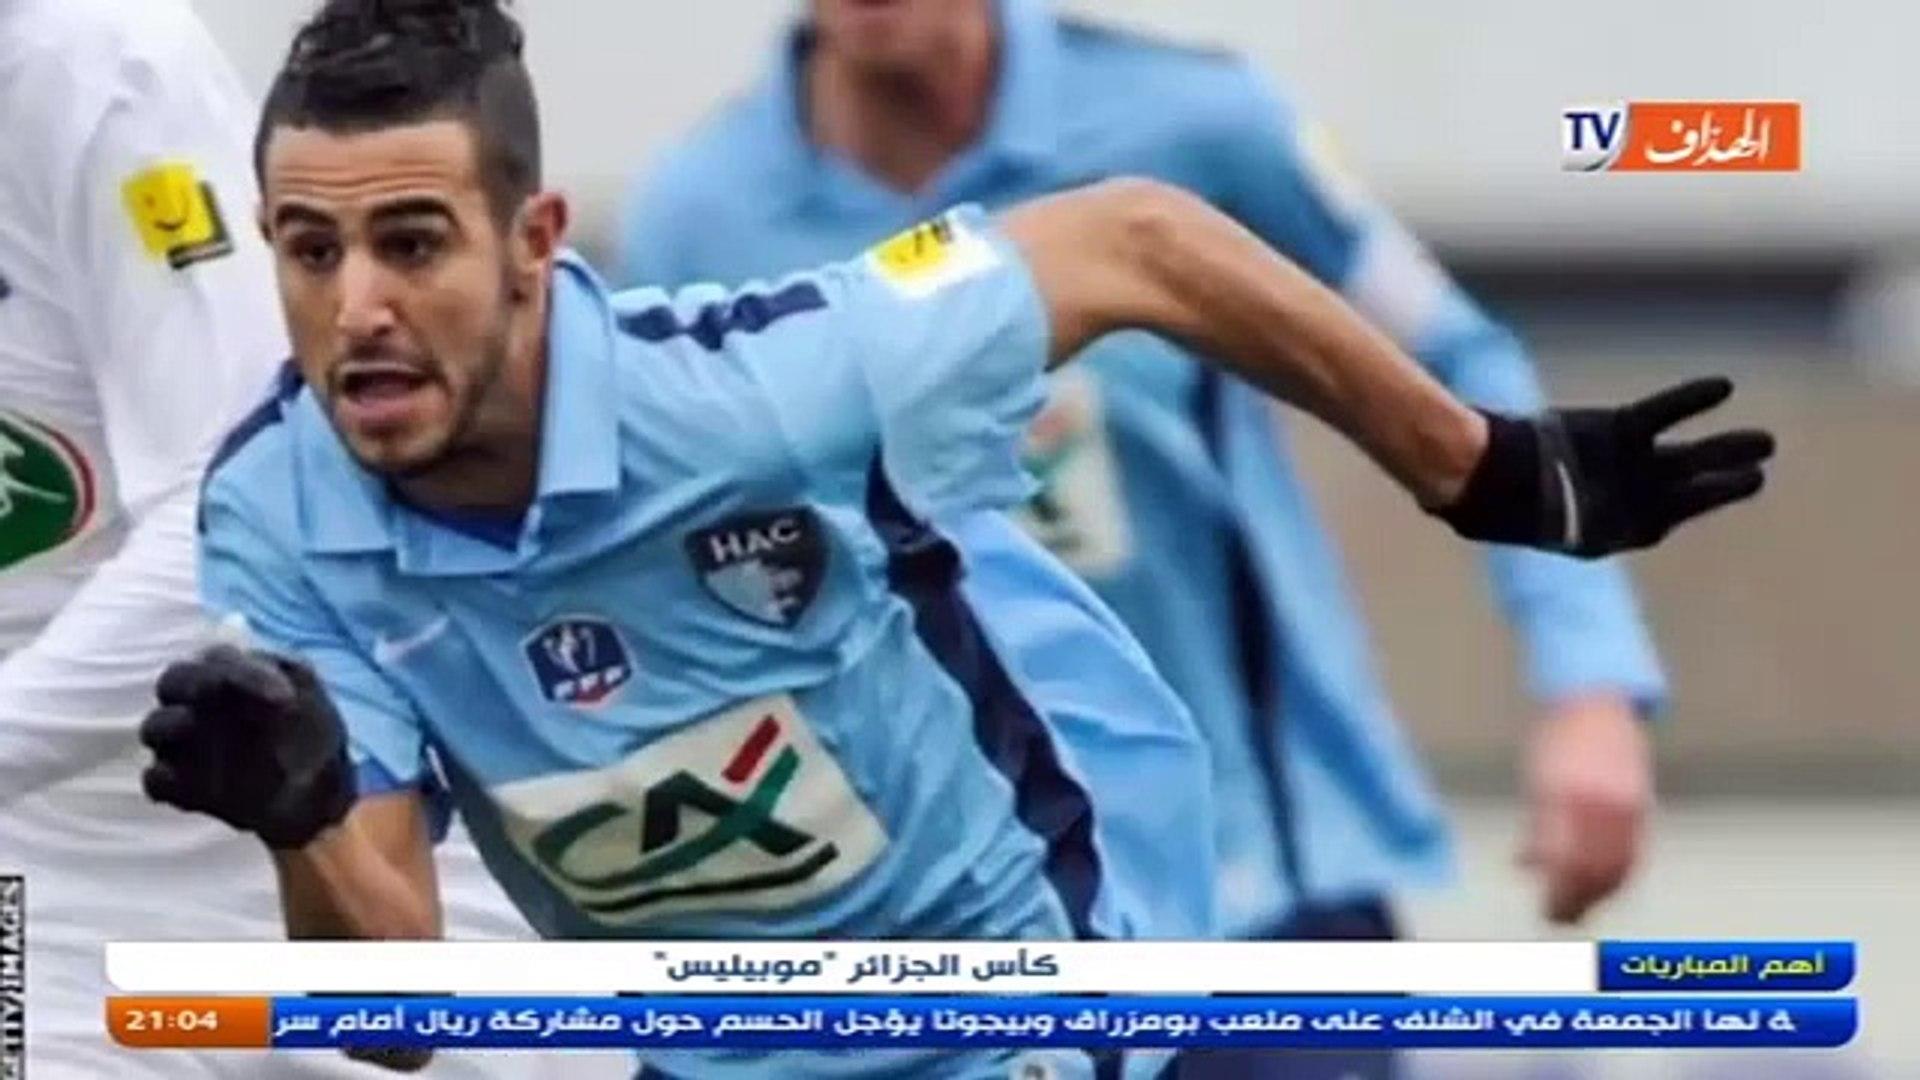 Le buteur international - Elheddaf tv - Ali Bencheikh et Madjer Parler de Mahrez et Boudebouz